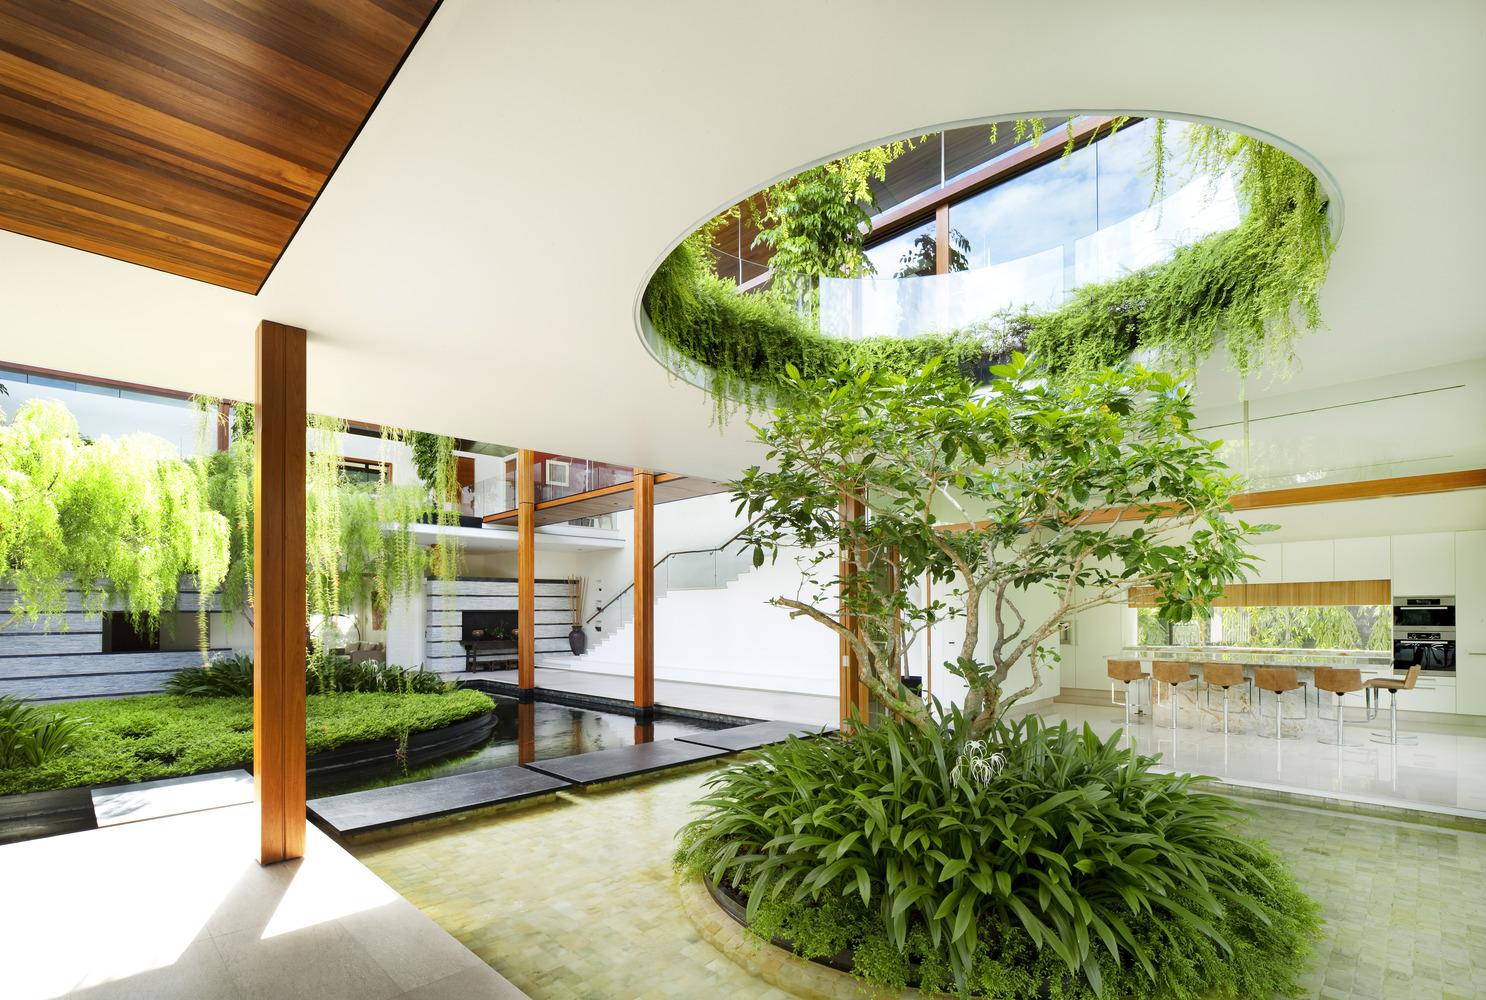 willow-house-termeszetkozelben-noko-04.jpg